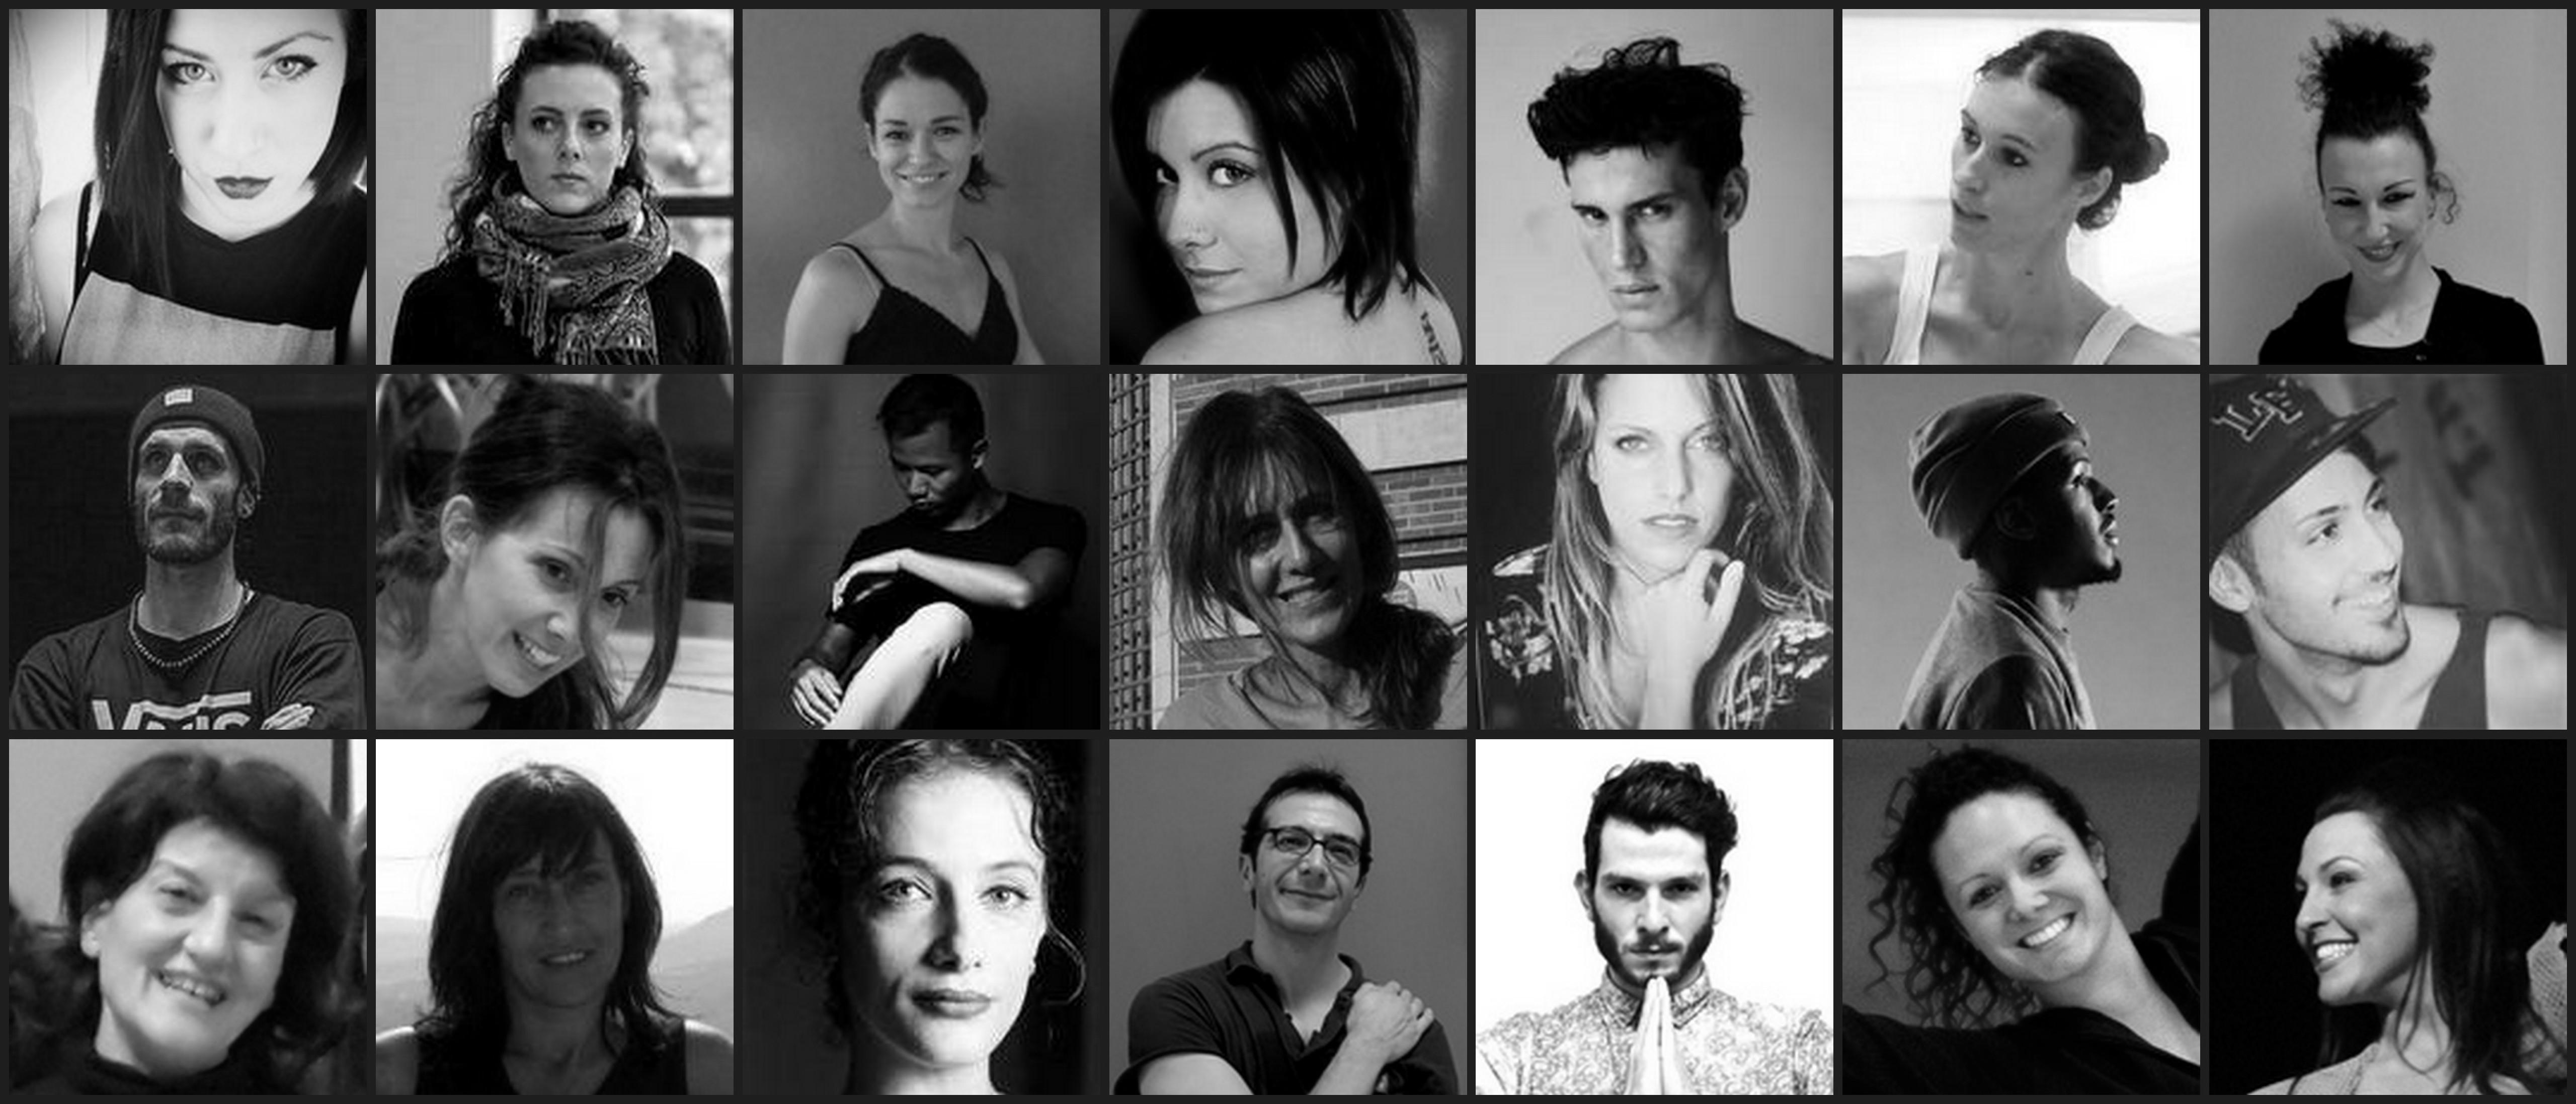 Centro di Movimento e Danza di AM Ballet ssd arl - Paderno Dugnano (Mi) Via Roma, 118 tel. 02.99.04.08.38